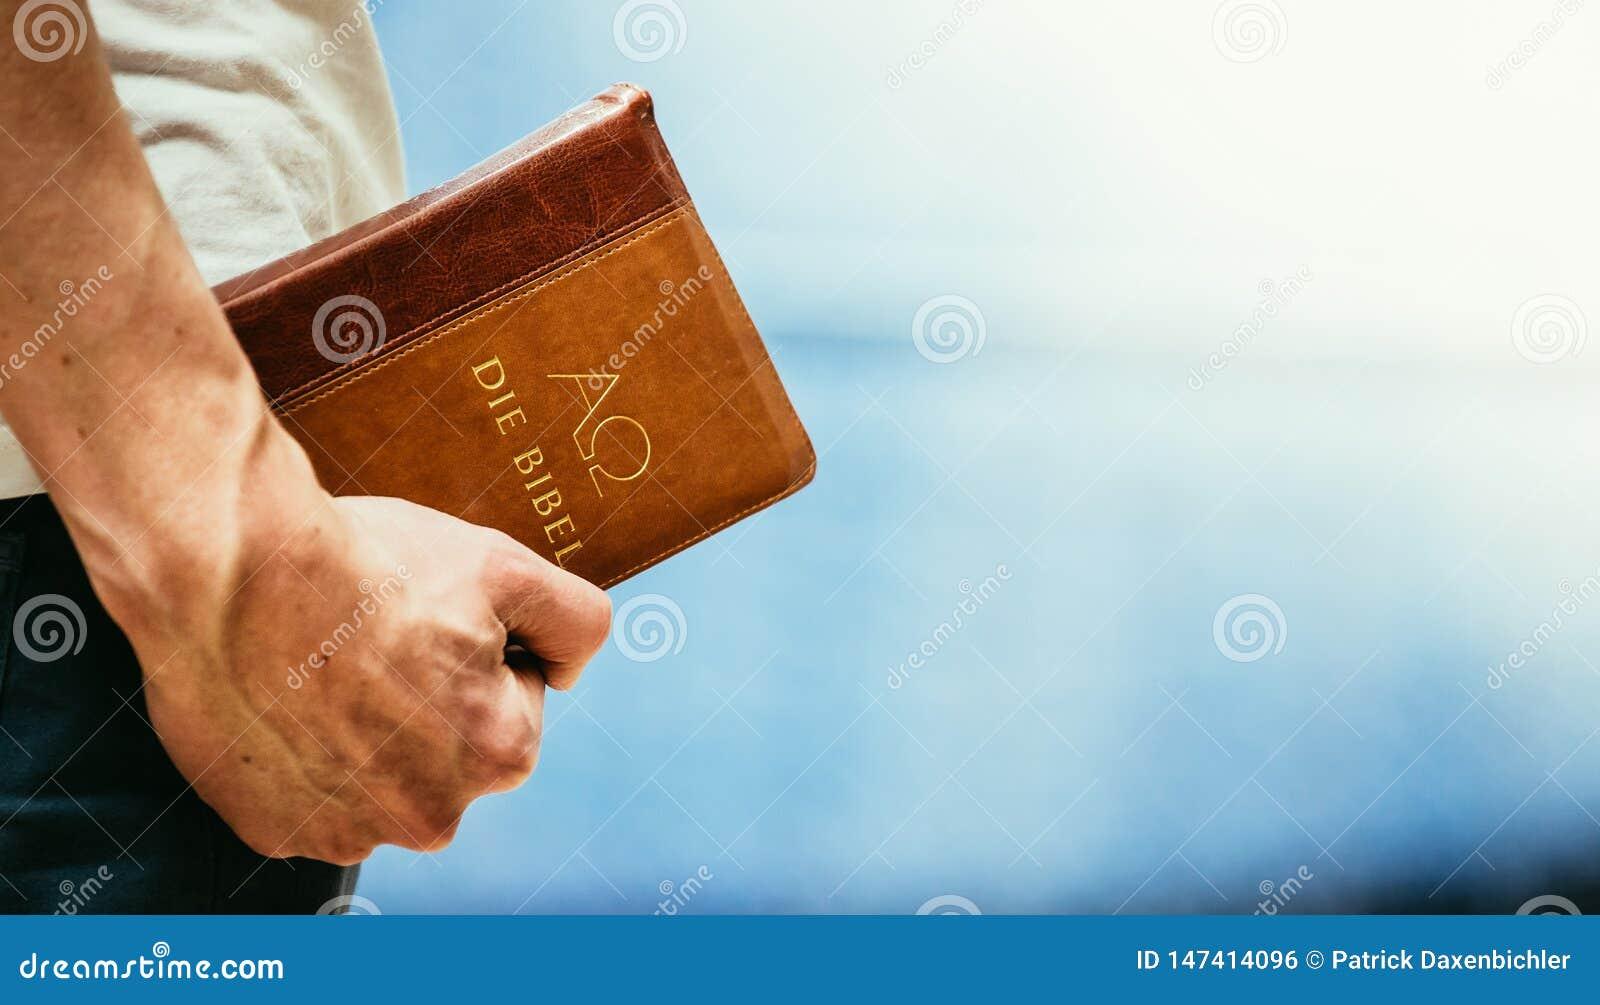 基督徒传教者:年轻人拿着圣经,祈祷